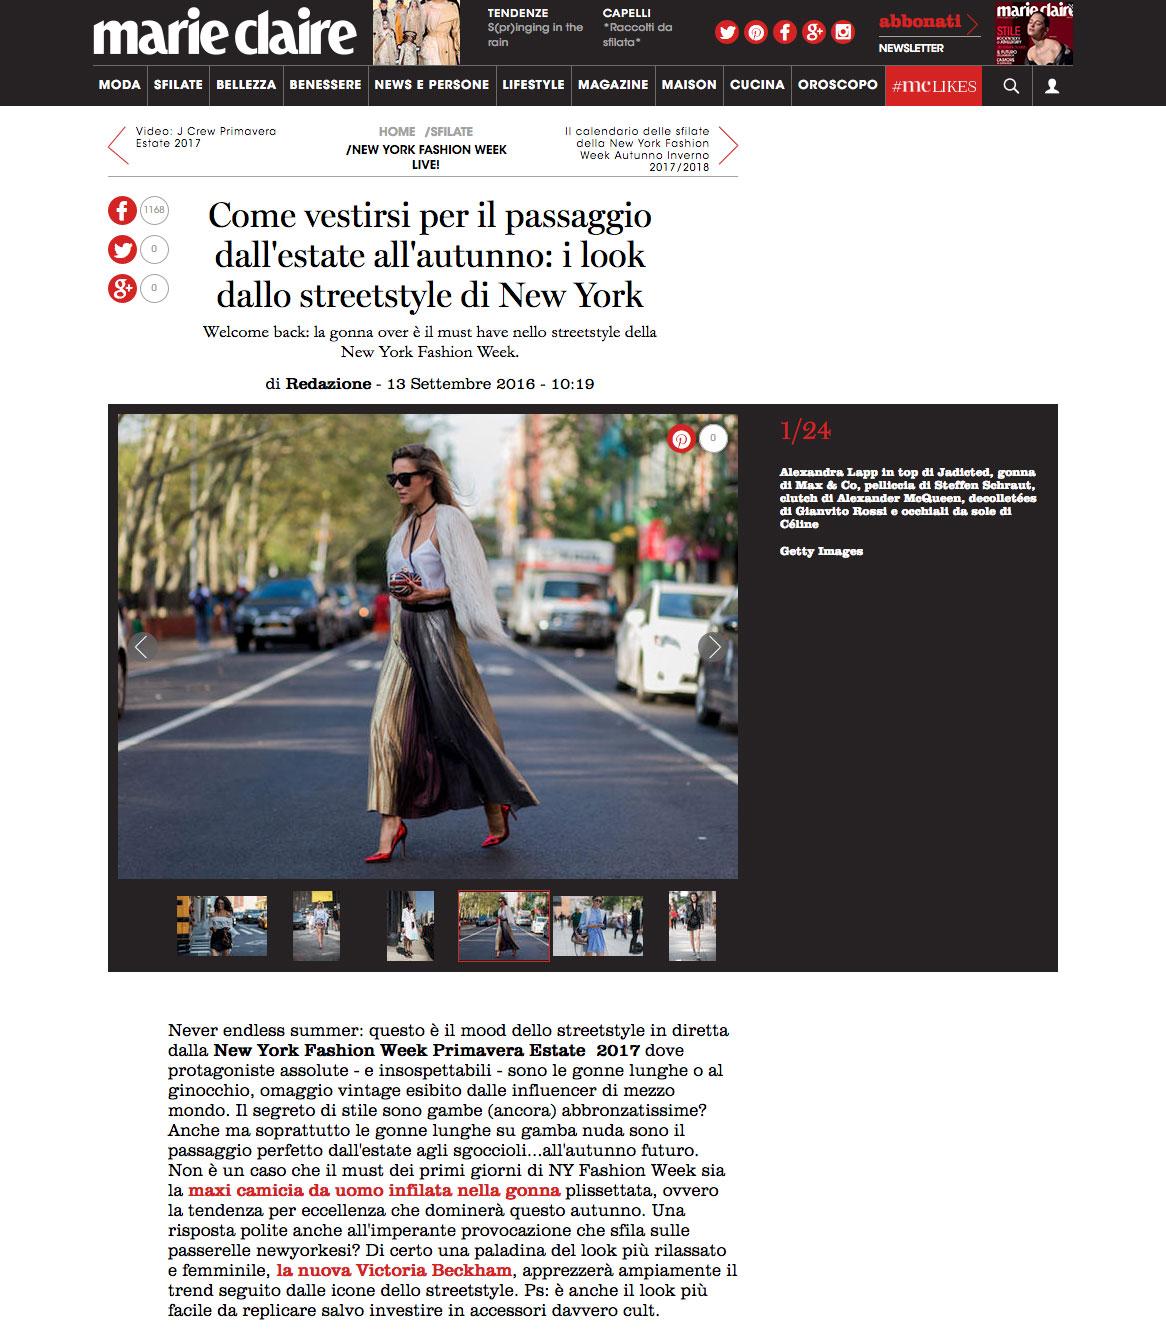 Cosa mettersi per passare dall estate all autunno ispirazione streetstyle New York - Marieclaire - 2016-09 - found on http://www.marieclaire.it/Sfilate/New-York/gonna-tendenza-new-york#1